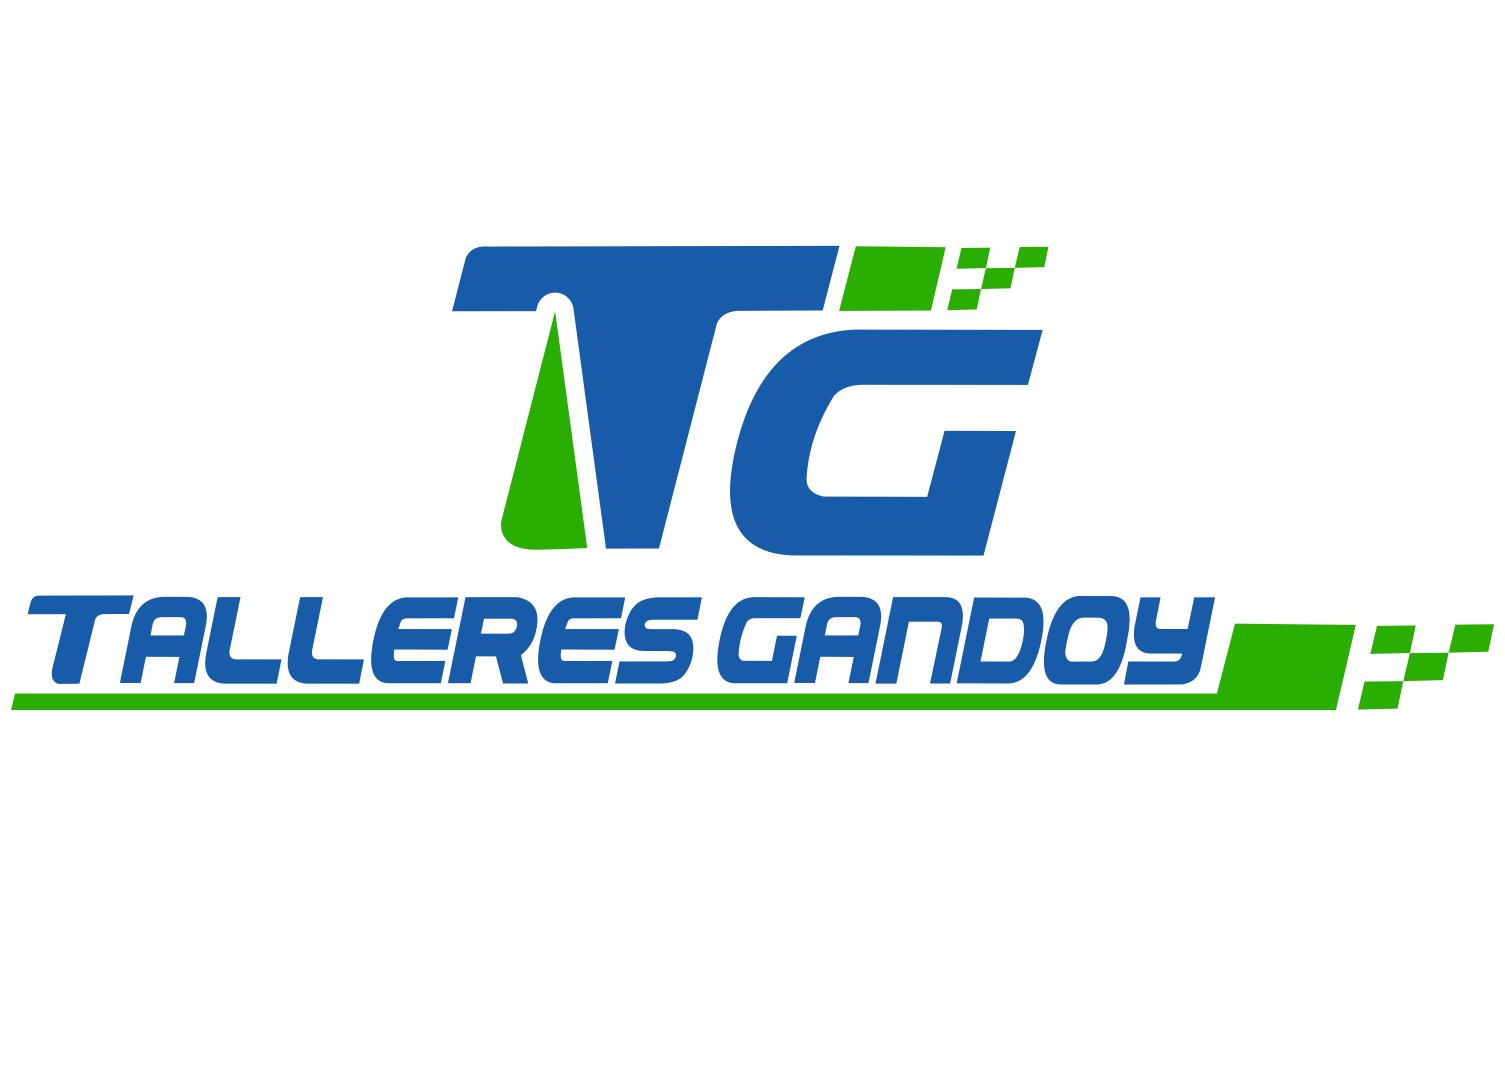 Talleres Gandoy